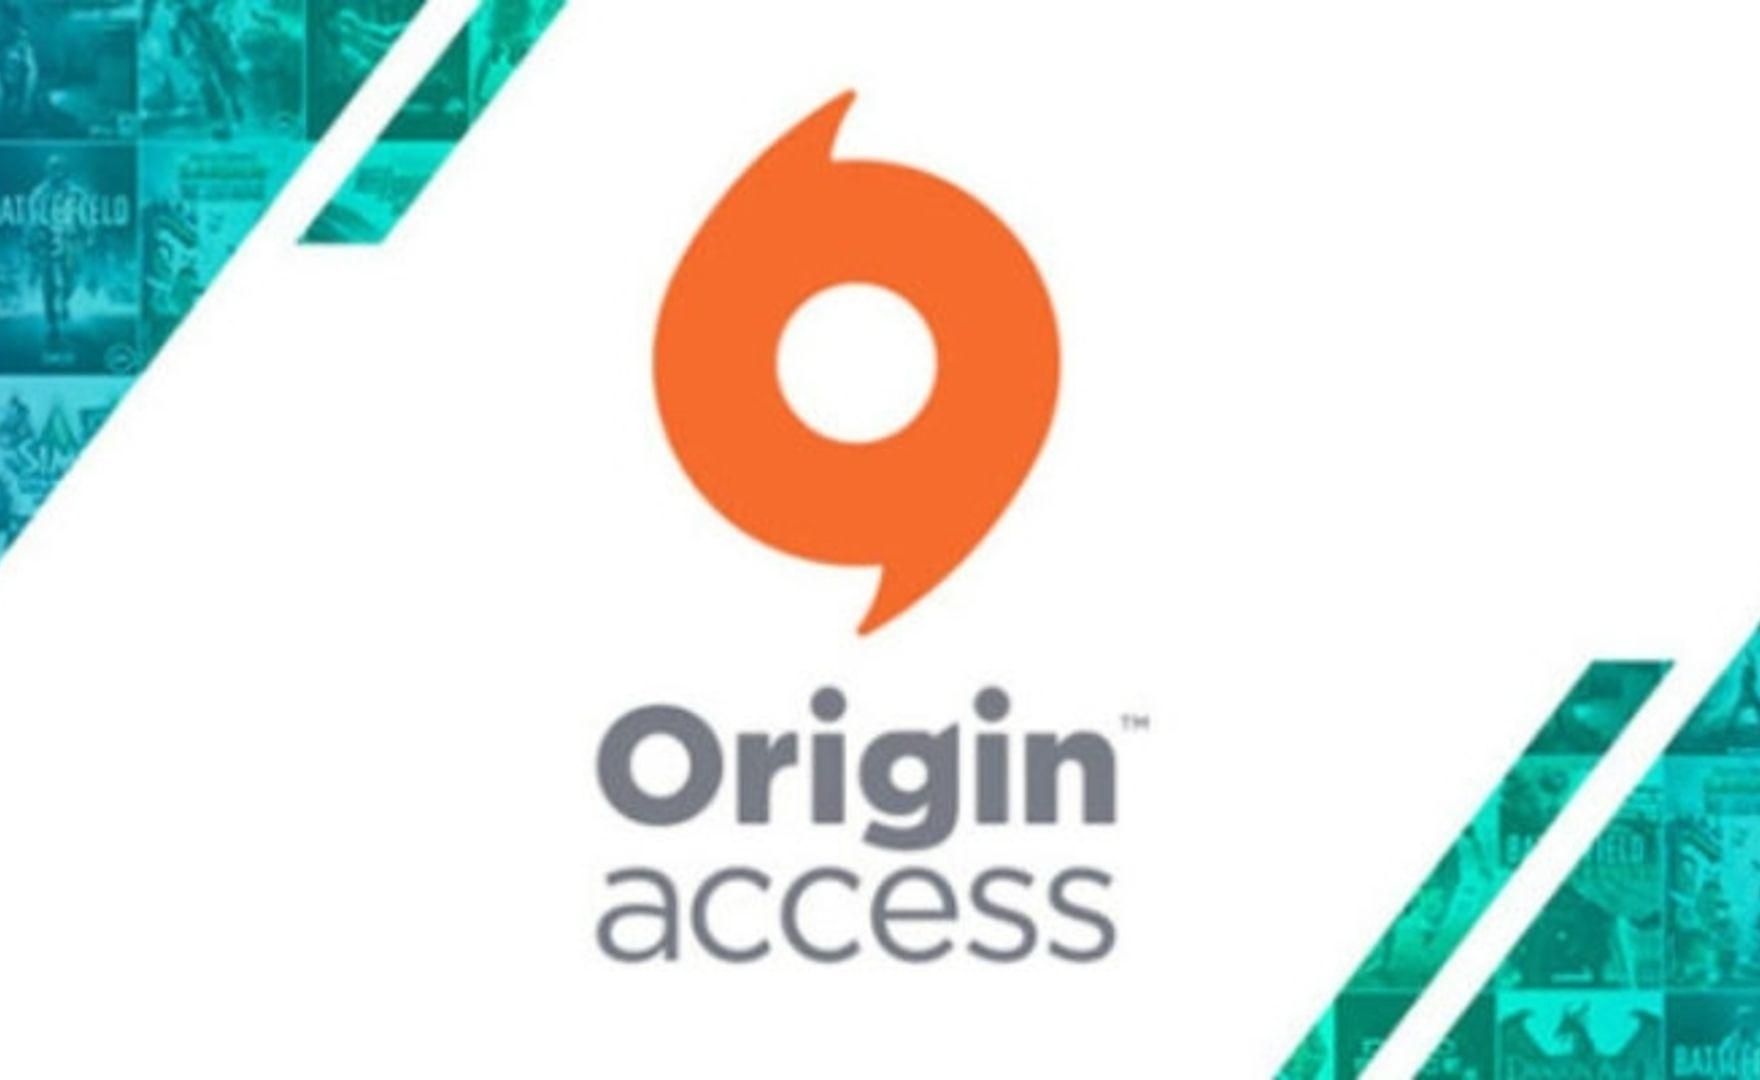 Origin: utenti temono di essere stati hackerati, ma è solo un regalo di EA